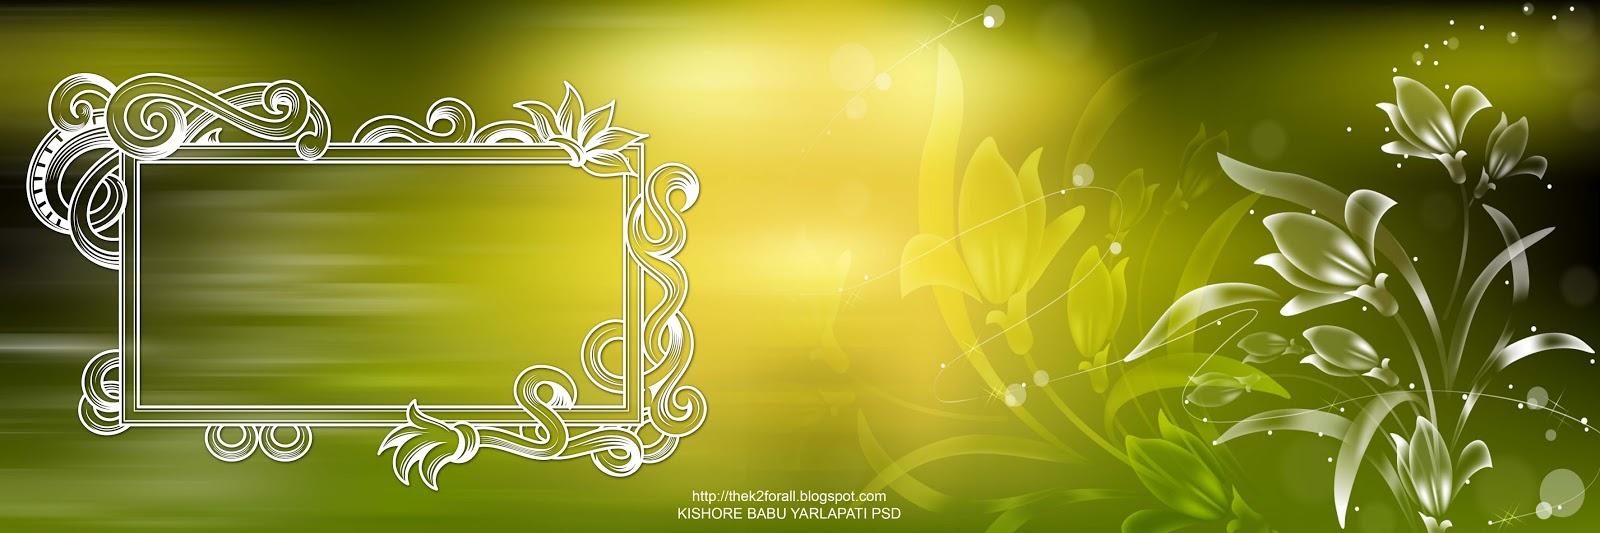 Karizma Photoshop Templates with Gorgeous Frames 2